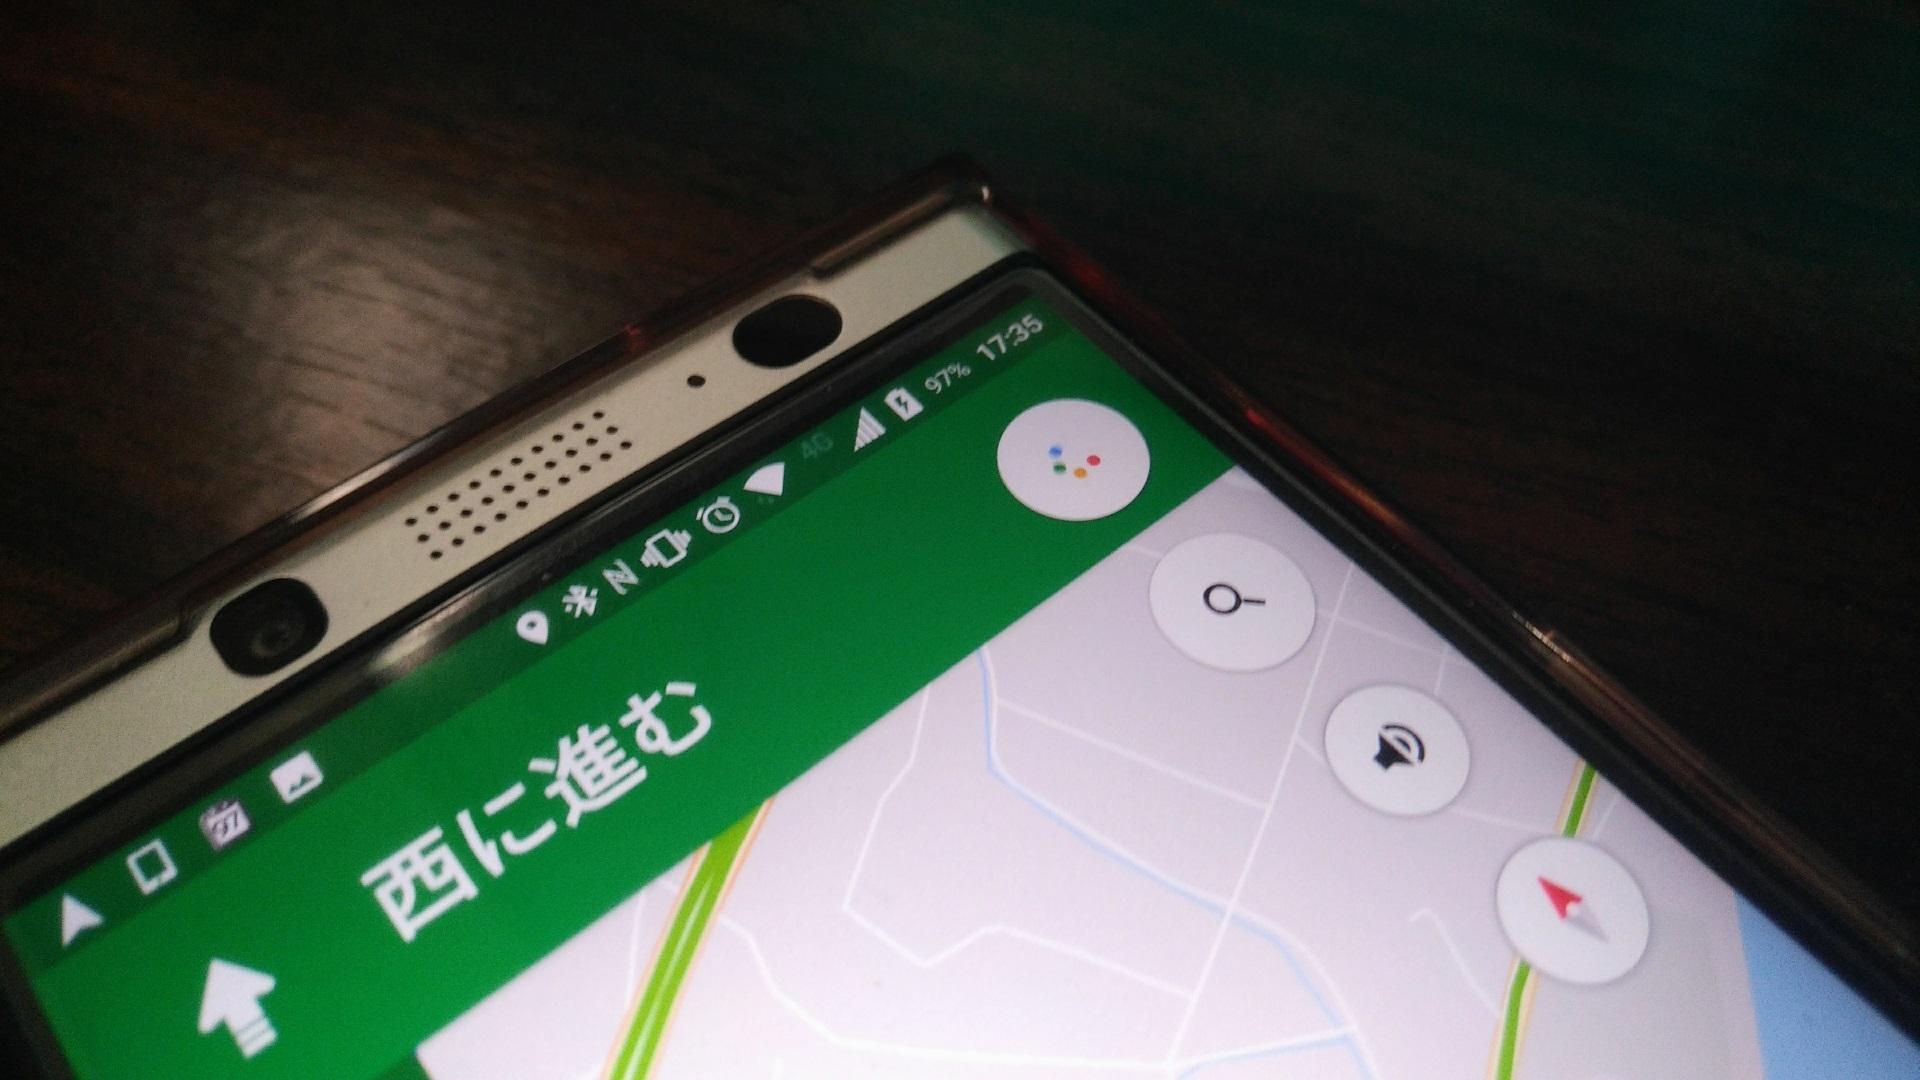 Android版「Google マップ」に「Google アシスタント」が統合されてた【レポート】